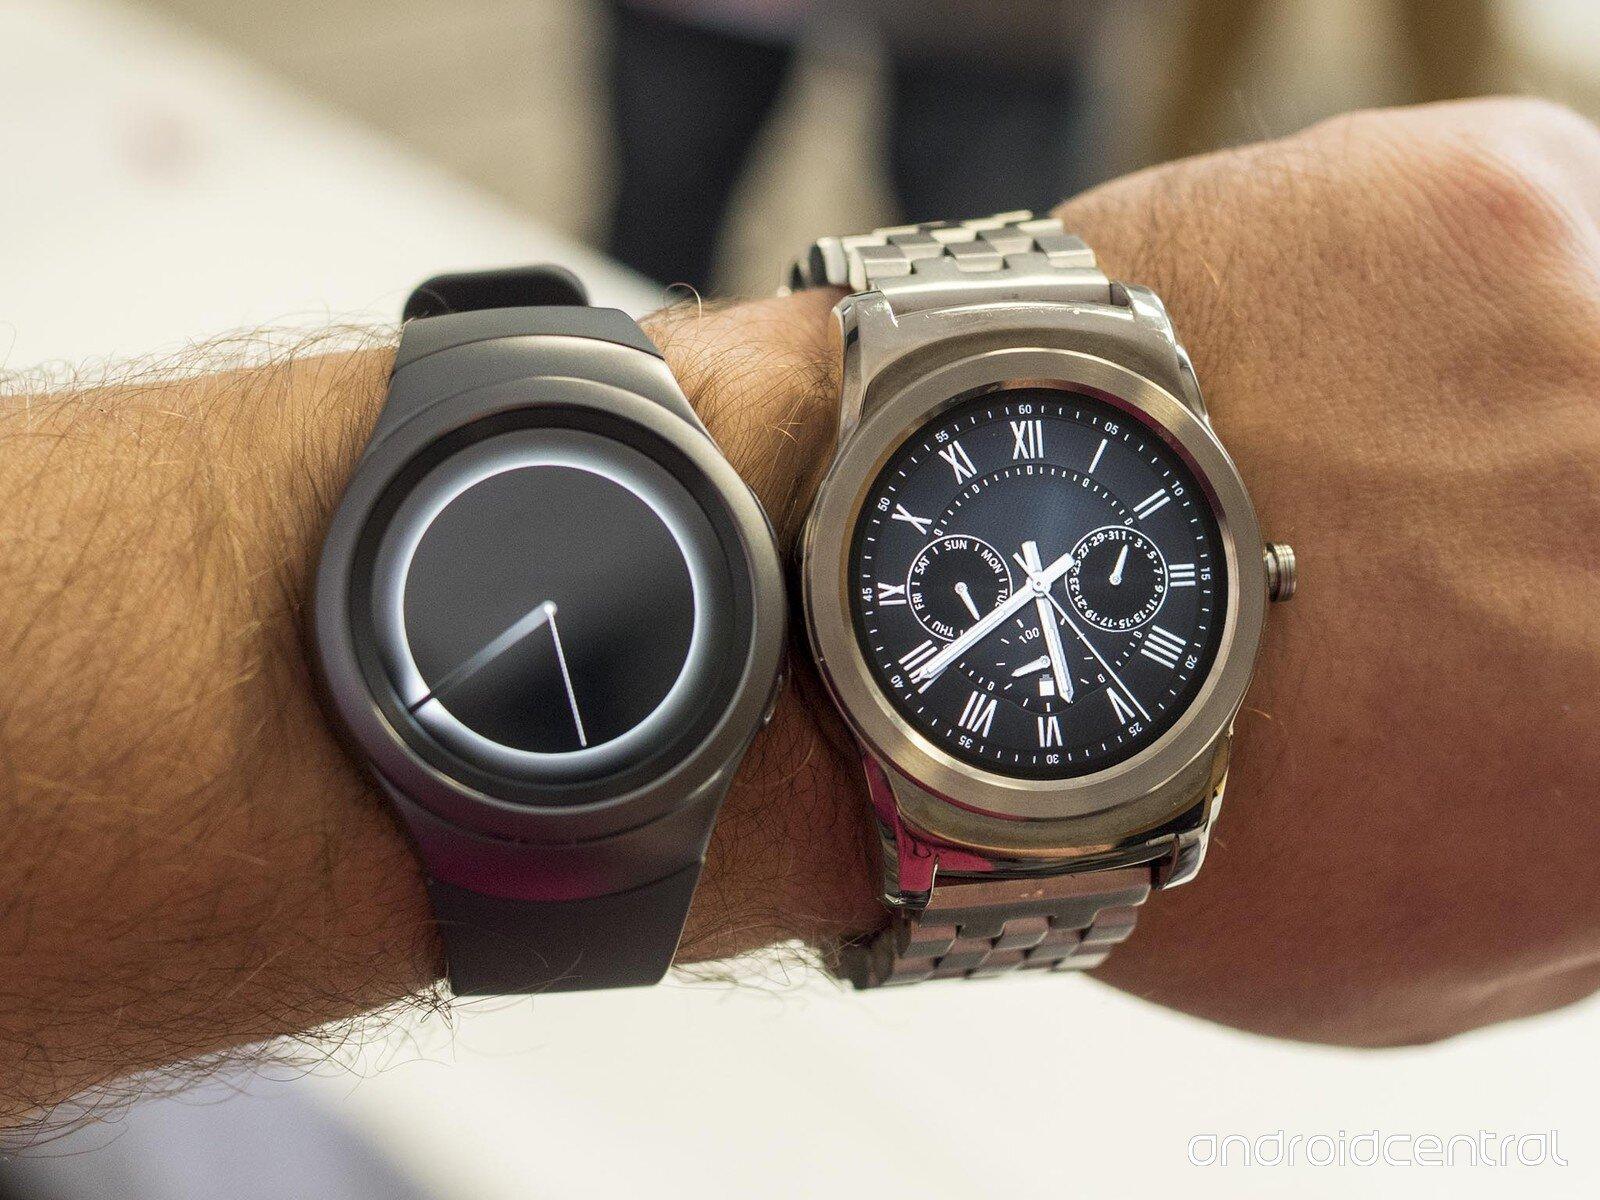 So sánh đồng hồ thông minh LG Watch Urbane 2 và Samsung Gear S2